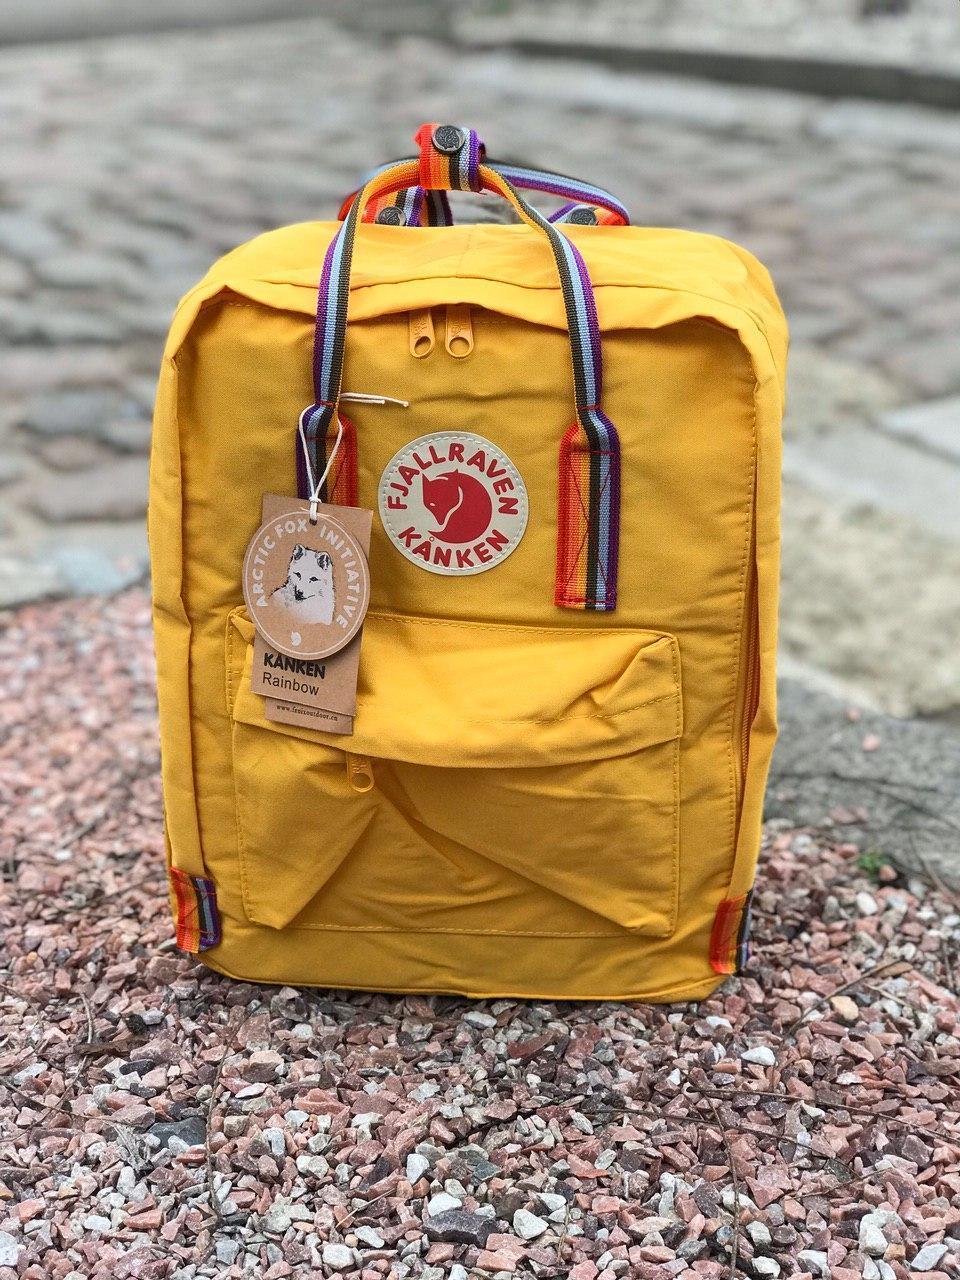 Городской Рюкзак Fjallraven Kanken Classic Rainbow Радужный 16 л Желтый ручка в радугу